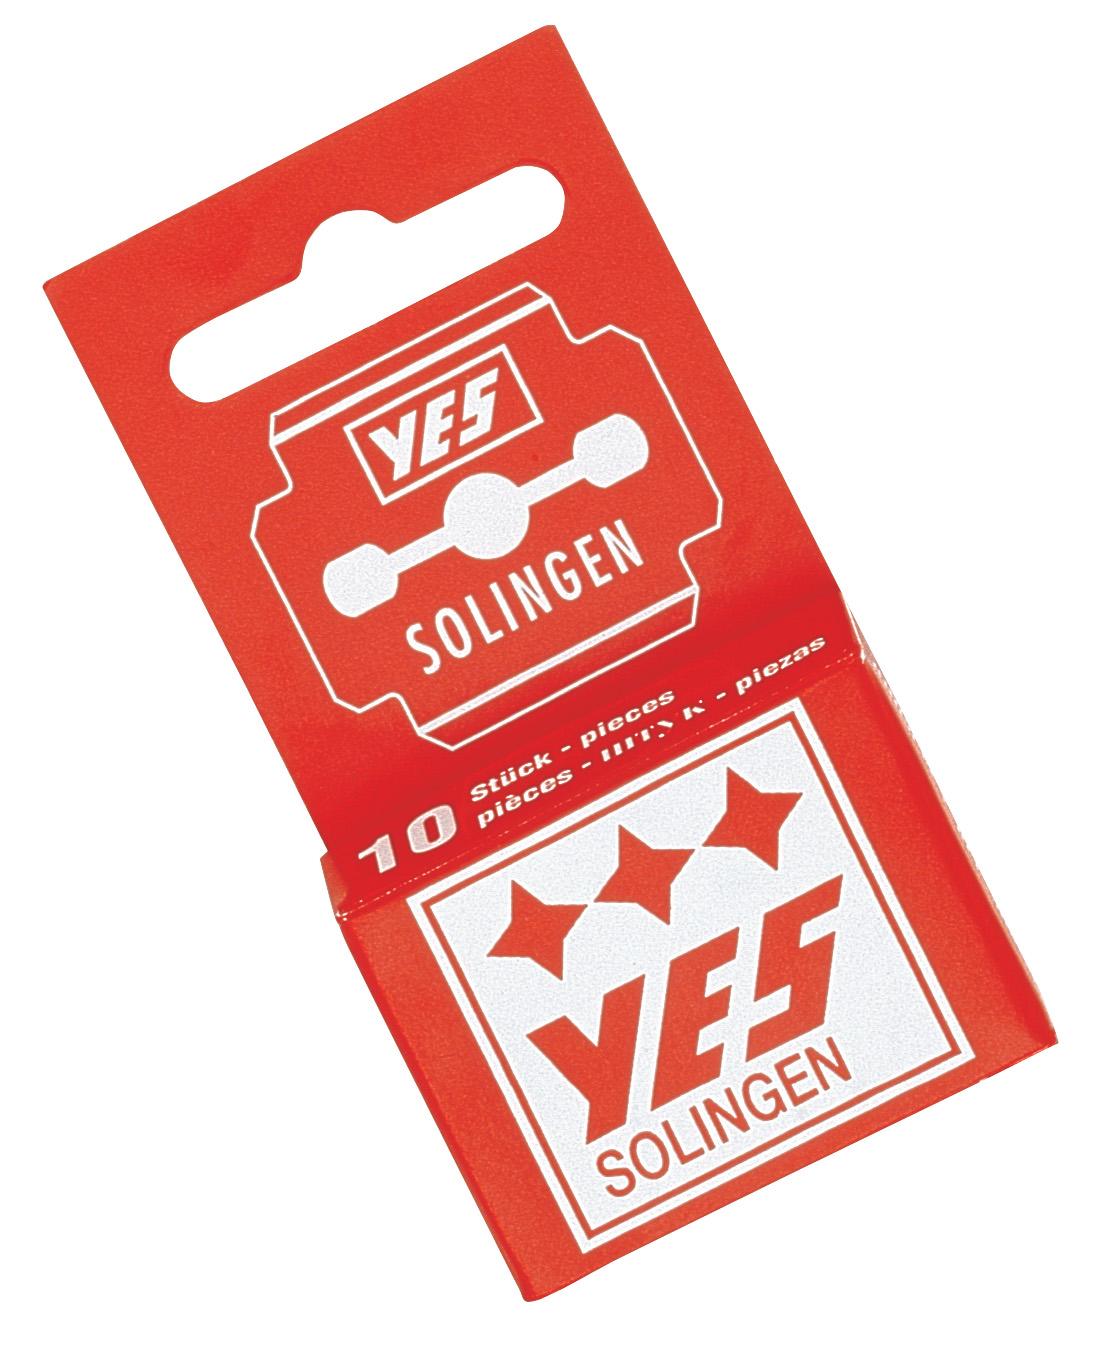 Becker-Manicure YES Запасные лезвия N10. 6010SC-FM20104Лезвия предназначены для удалителя мозолей Yes арт. 9600. Запасные лезвия 10 шт. двусторонние, что дает возможность использовать обе их стороны. Хранить в сухом недоступном для детей месте.Замена изделия не осуществляется в следующих случаях:- Использование не по назначению- Самостоятельный ремонт- Нарушение условий хранения